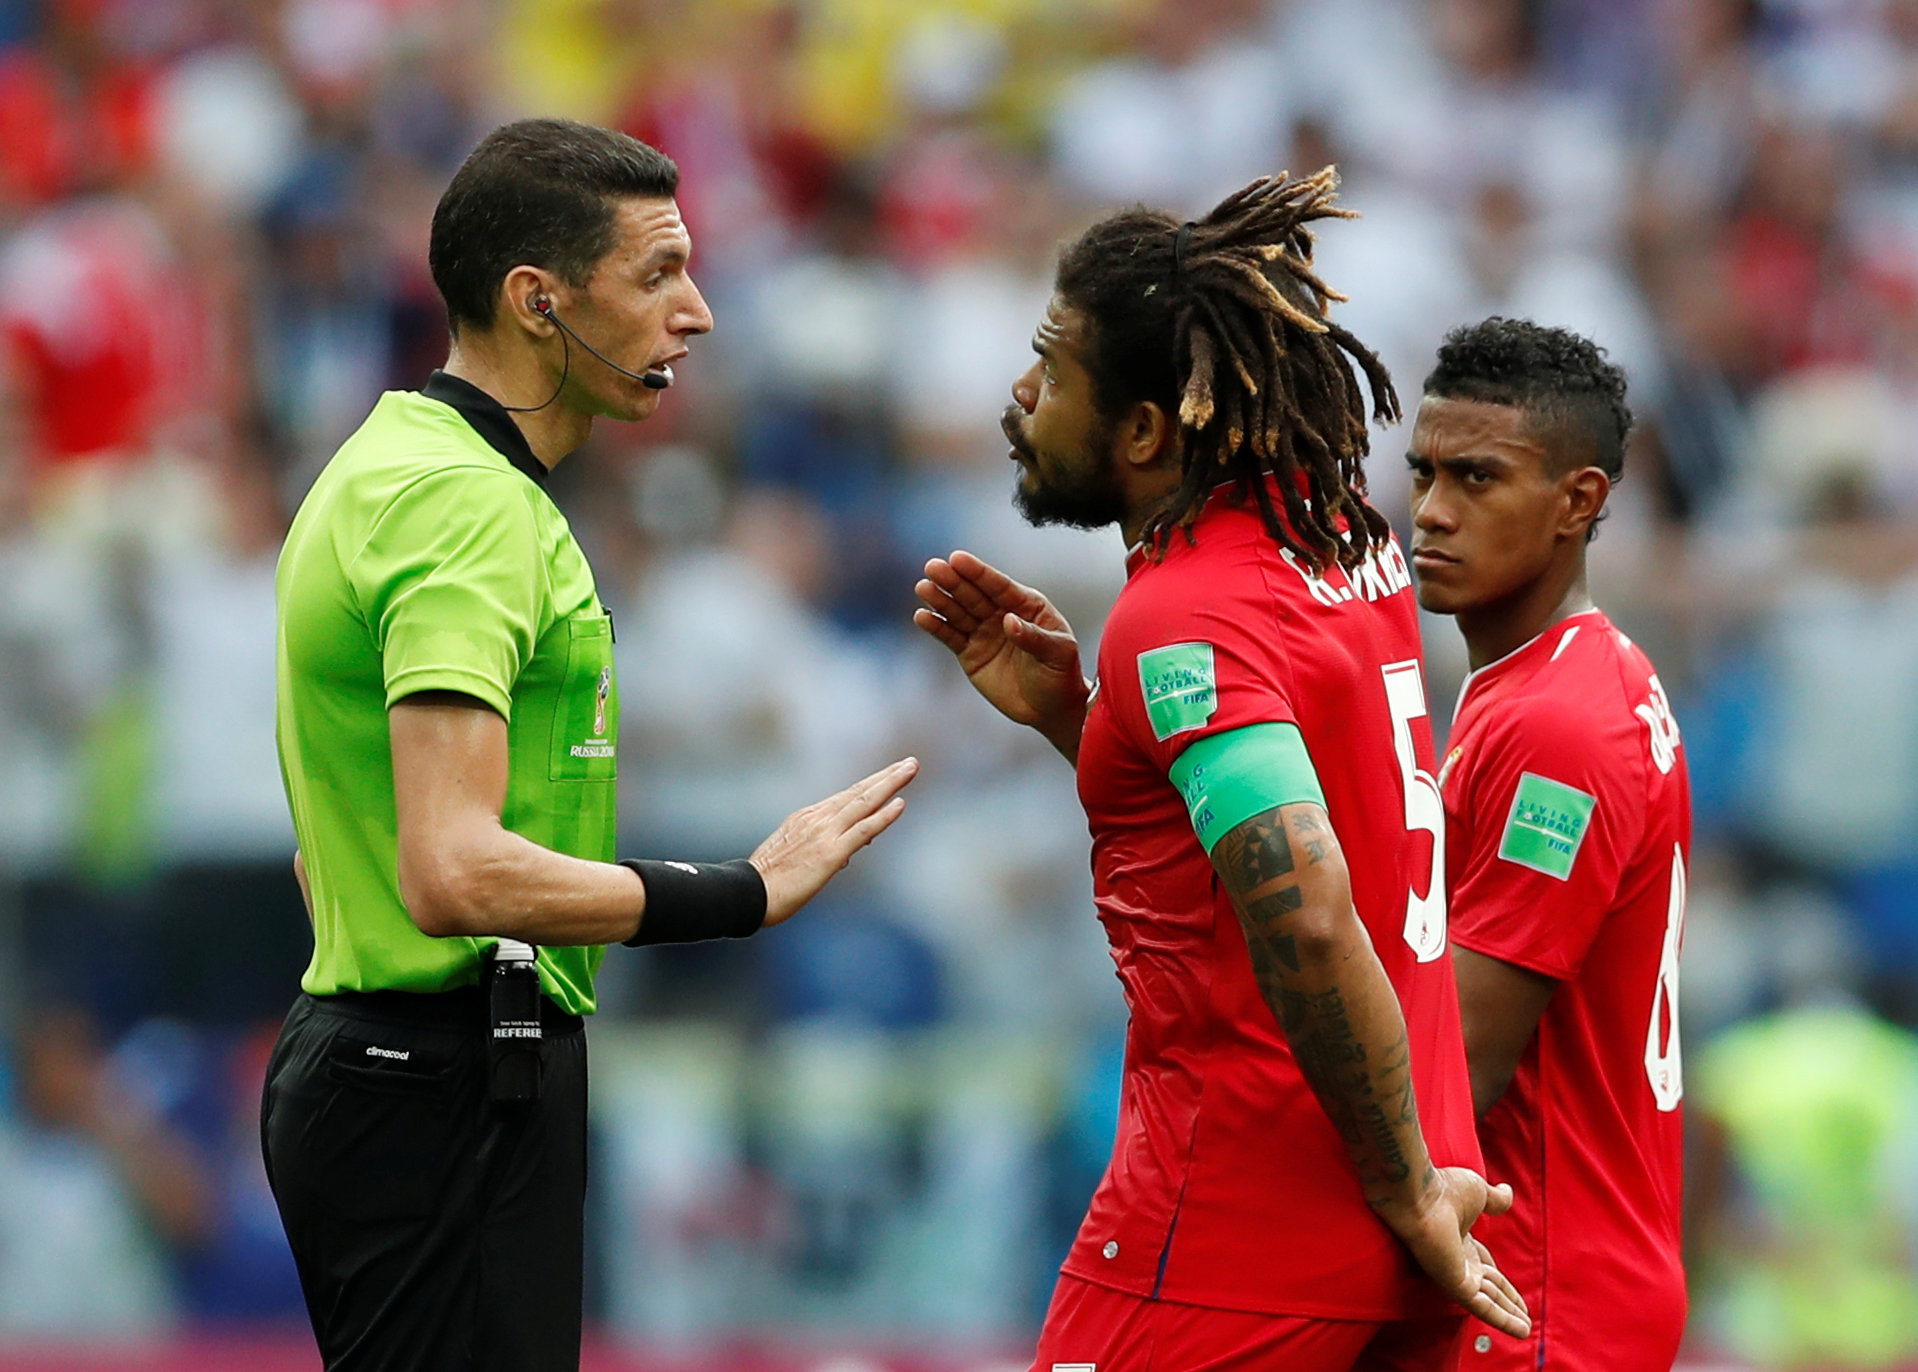 جهاد جريشة يهدأ لاعب منتخب بنما